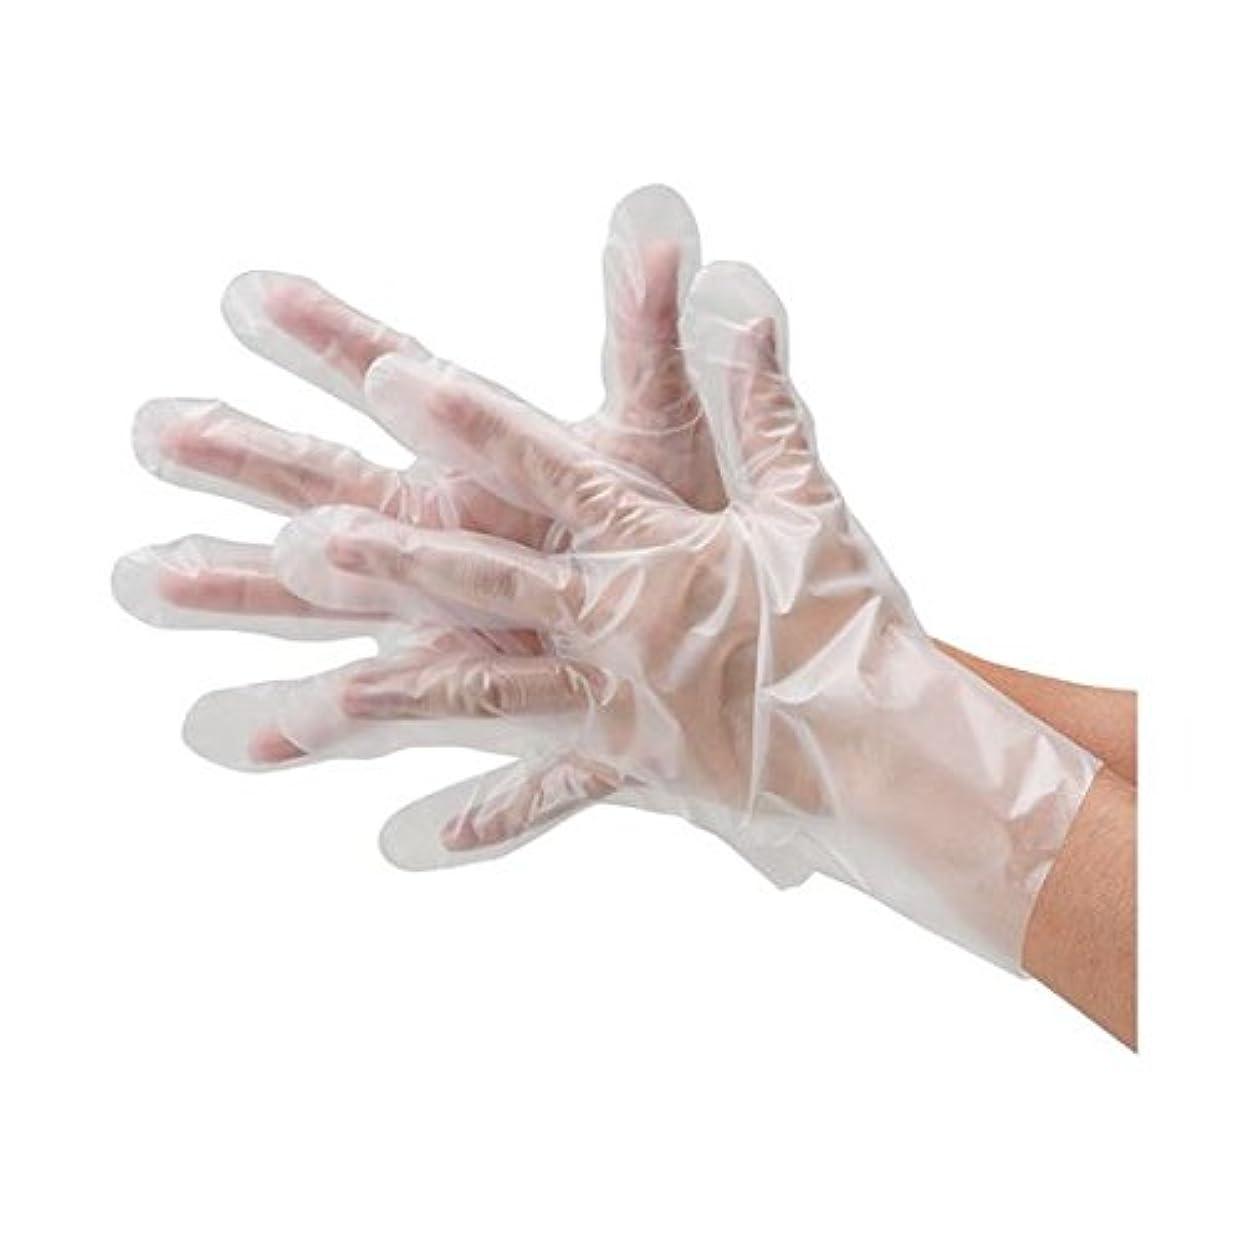 地質学割り当てるスキーム川西工業 ポリエチレン手袋外エンボス袋エコノミーS60袋 ds-1915796